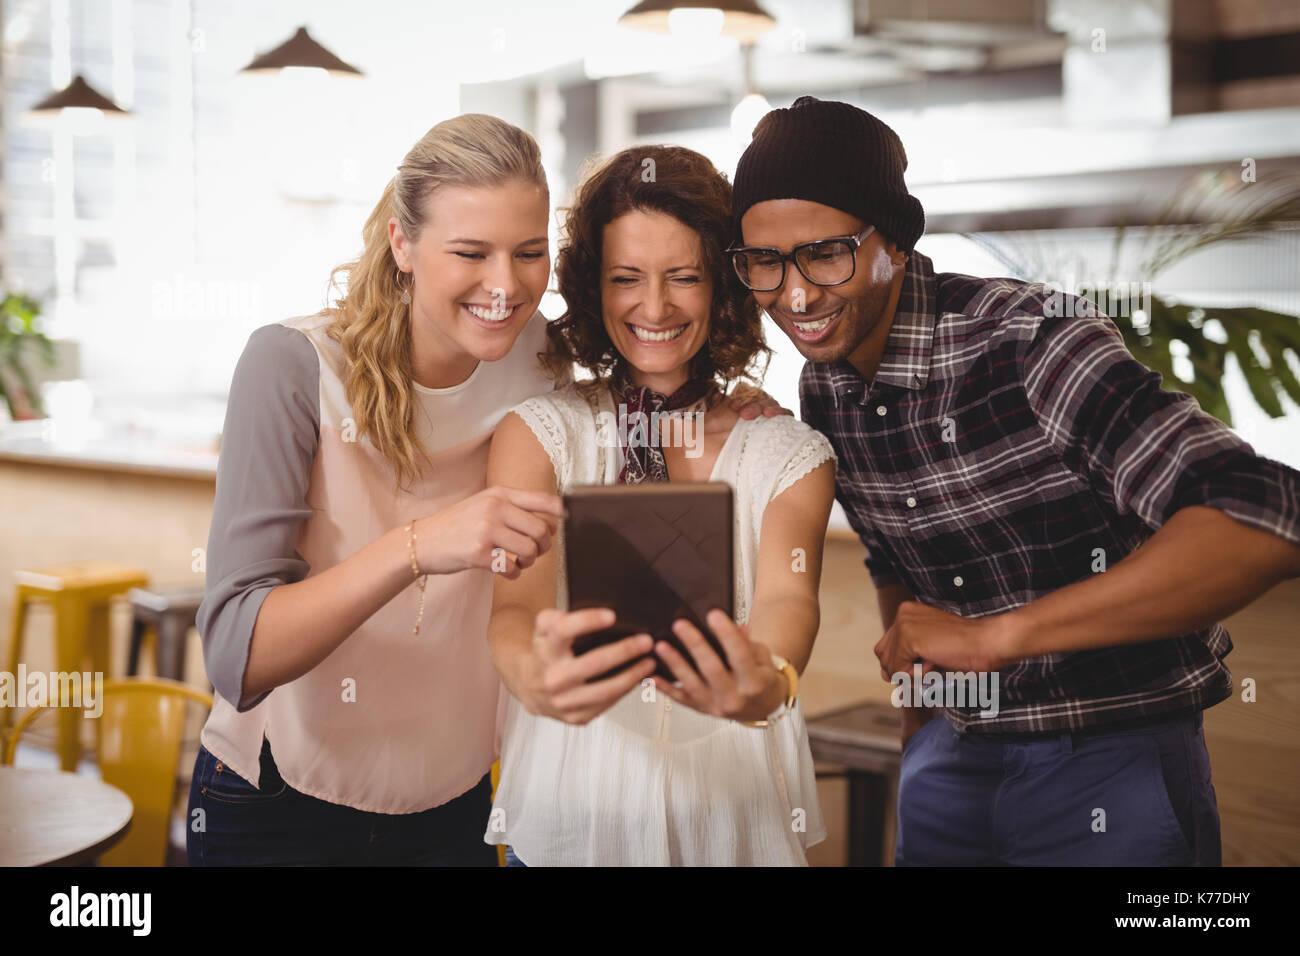 Fröhliche multi-ethnische Freunde unter selfie aus digitalen Tablet während Coffee Shop Stand Stockbild